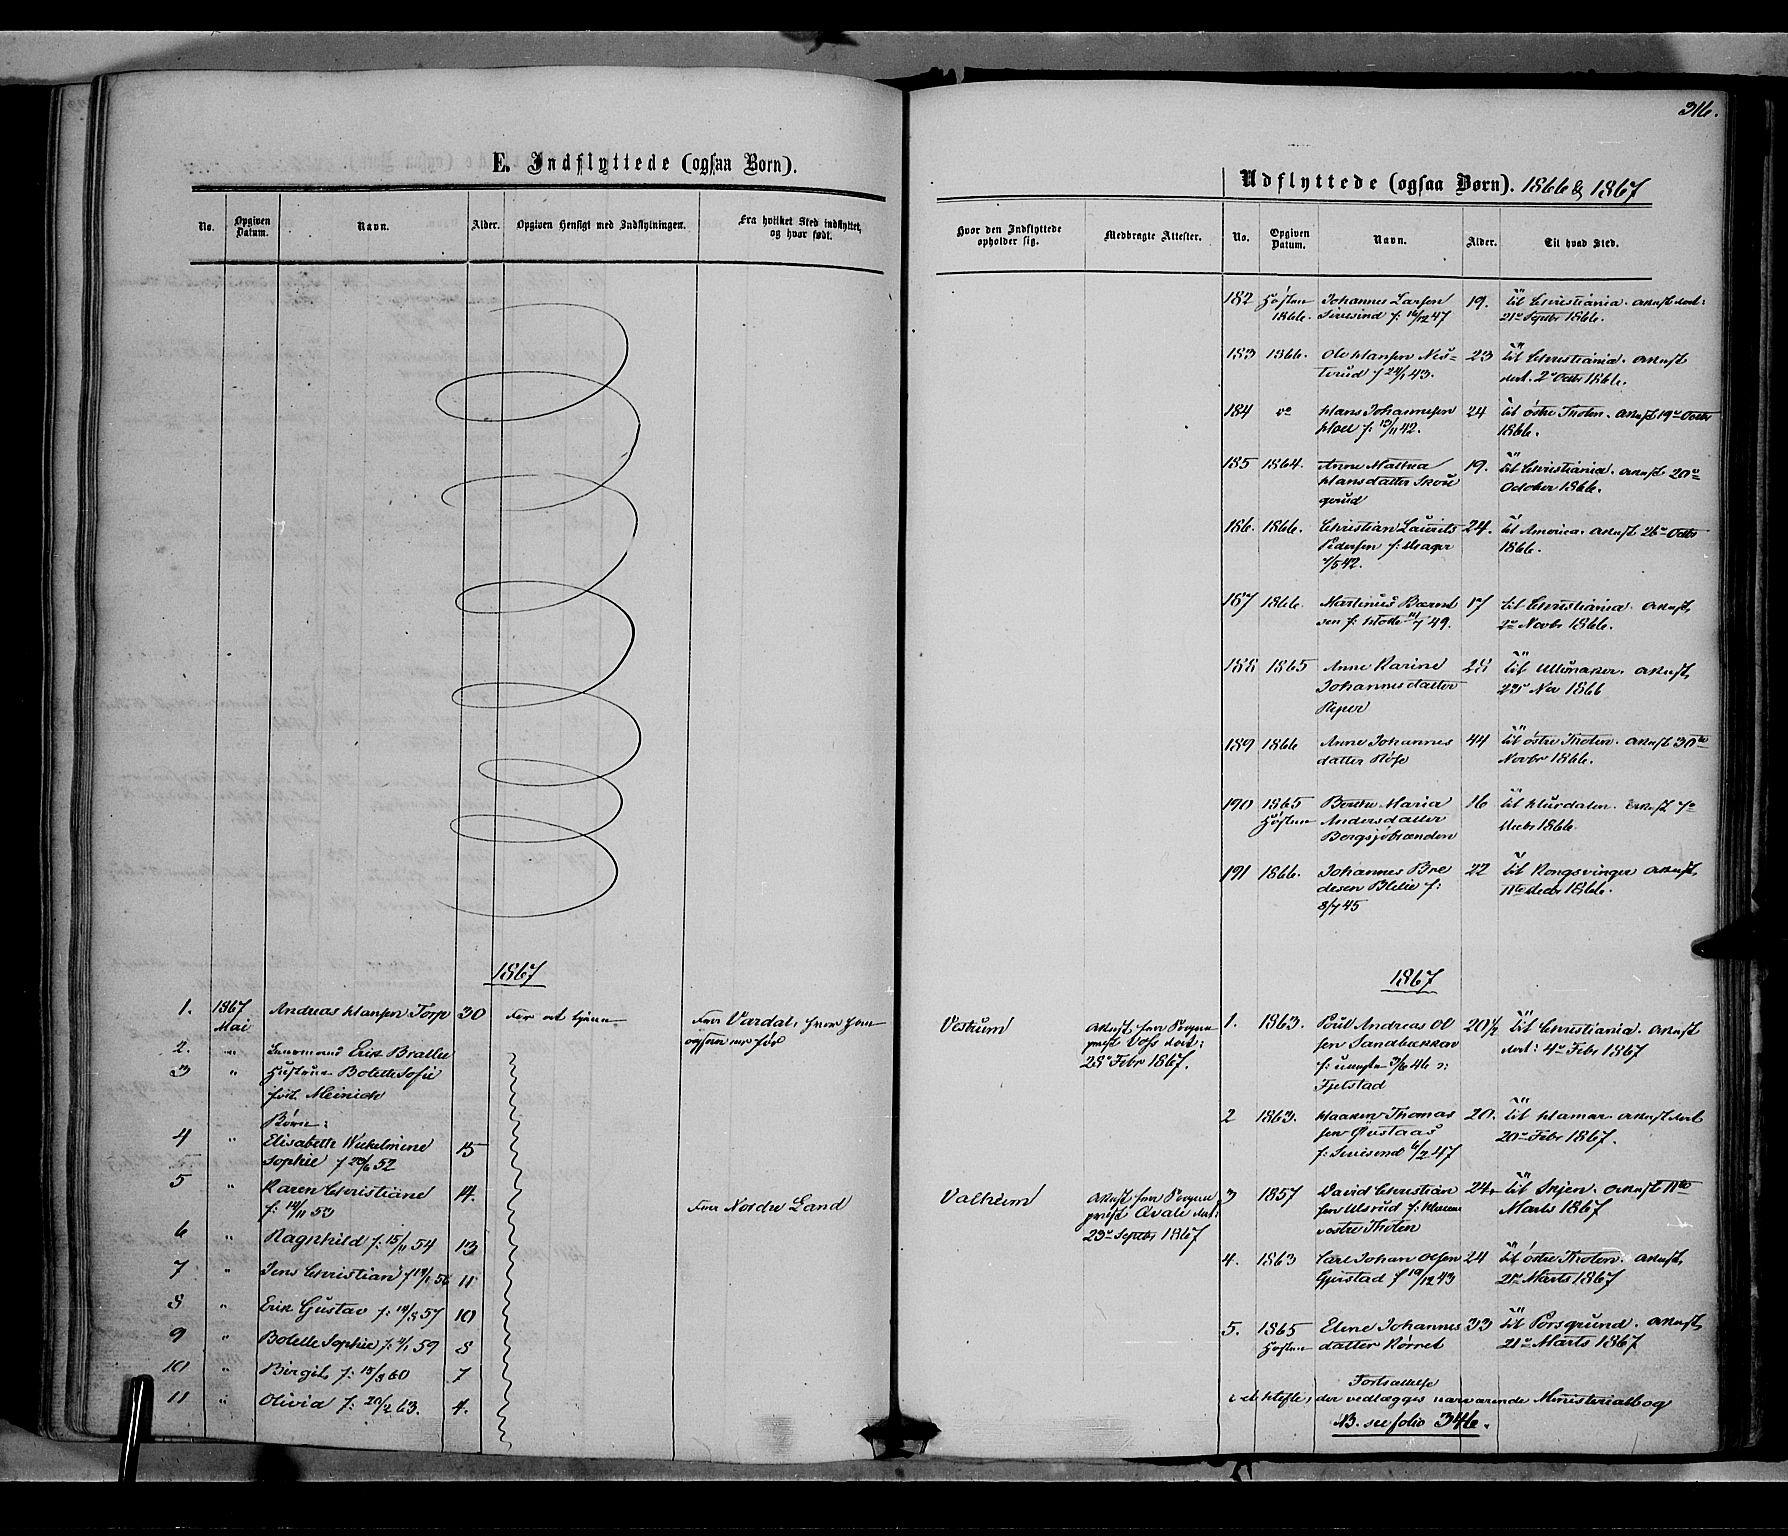 SAH, Vestre Toten prestekontor, Ministerialbok nr. 7, 1862-1869, s. 316